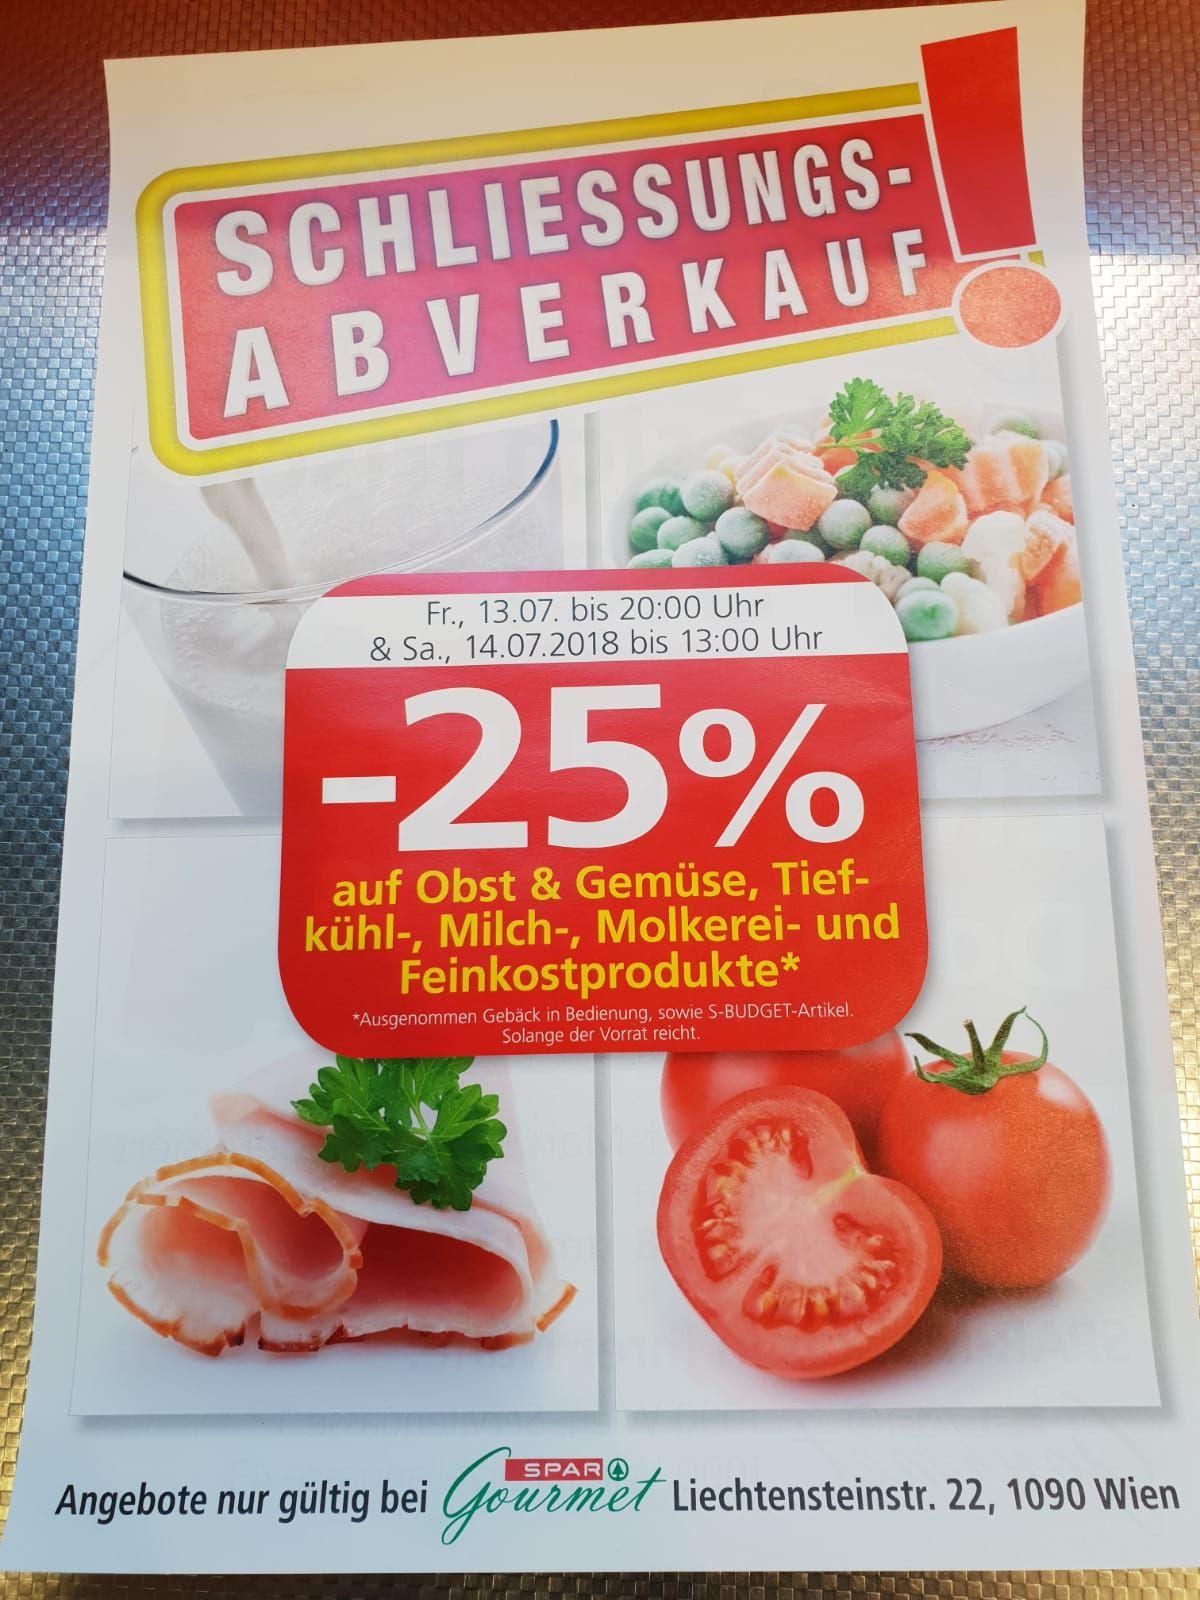 (Lokal)Ab Freitag 13.07 Spar Liechtensteinstraße (1090 Wien) Schließungsabverkauf, 25% Auf Frischeabteilungen und Tiefkühl.